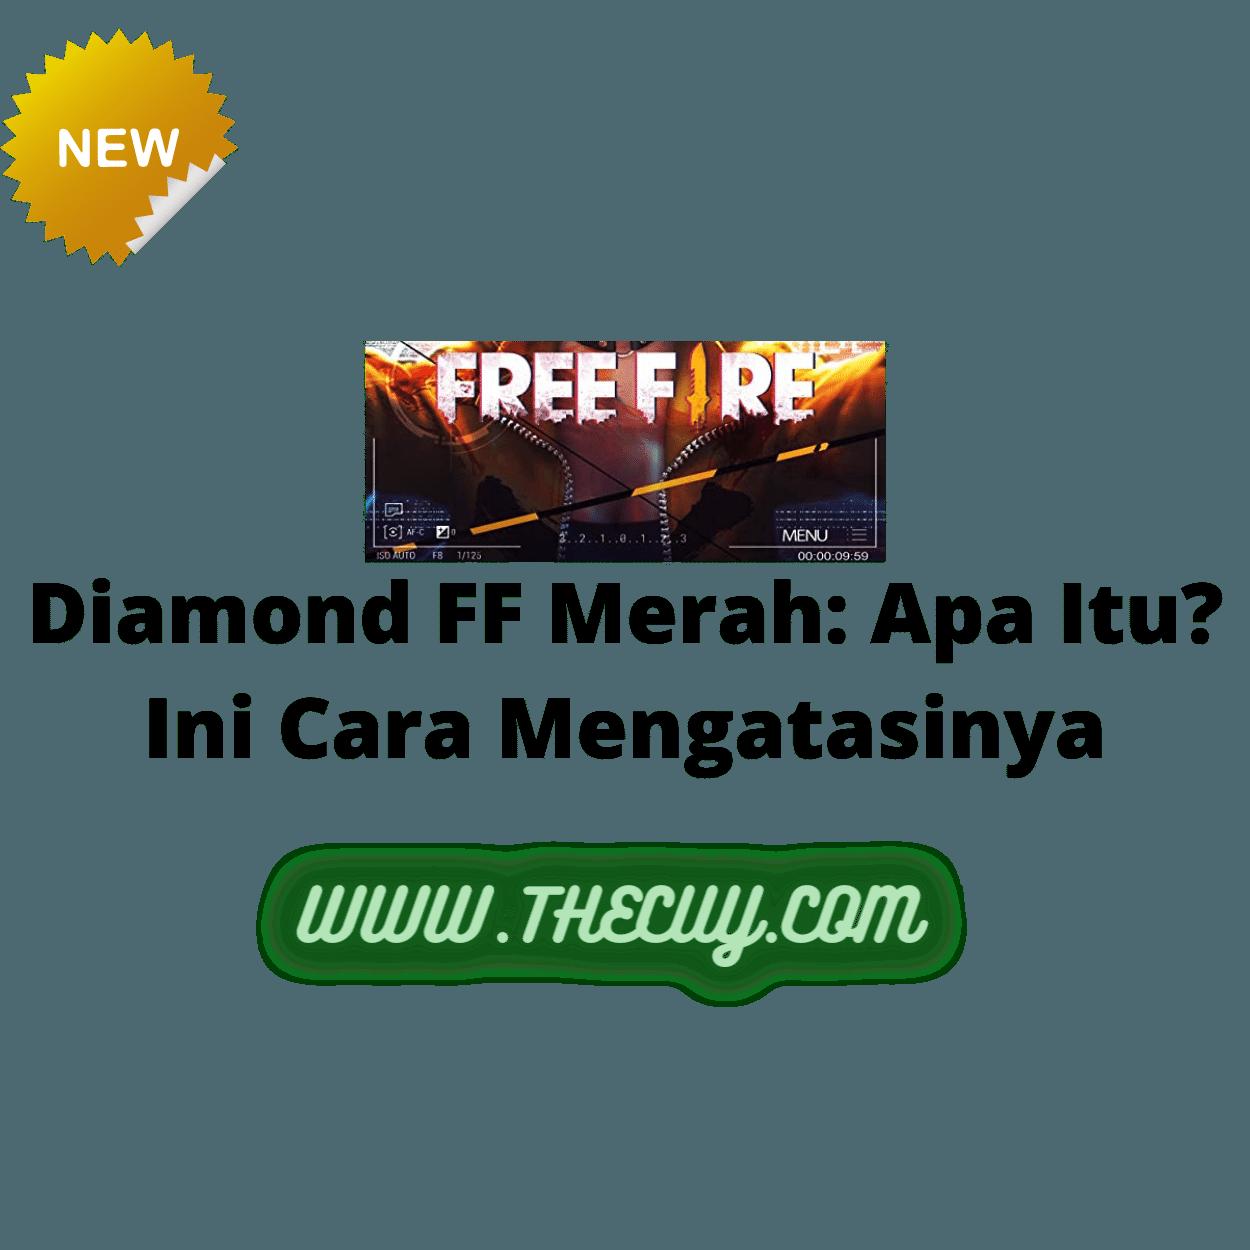 Diamond FF Merah: Apa Itu? Ini Cara Mengatasinya